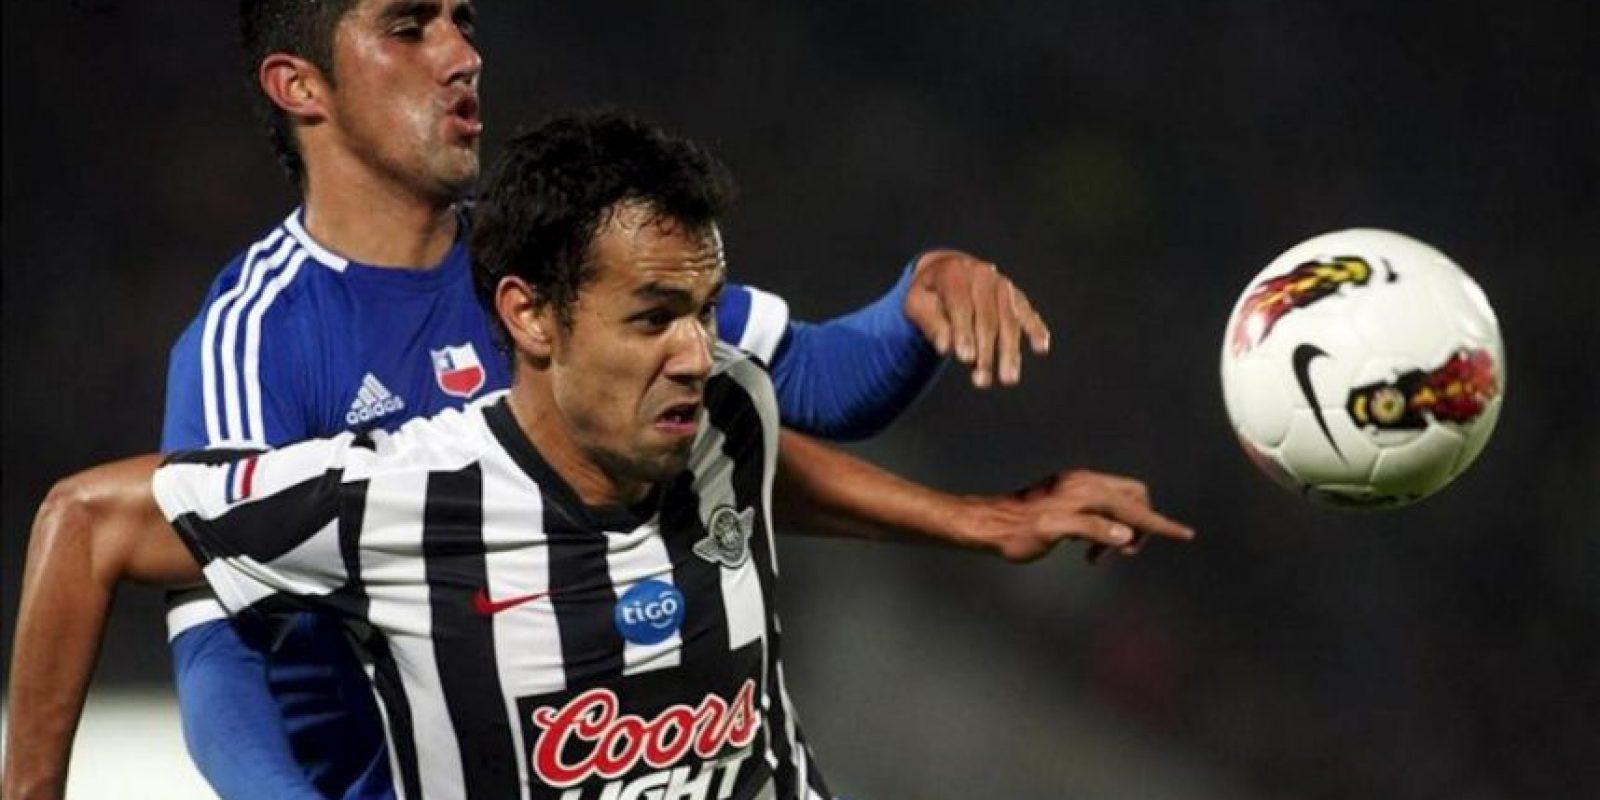 El jugador de Universidad de Chile Osvaldo Gonzalez (i) disputa el balón con Pablo Velázquez de Libertad, durante el partido de vuelta por cuartos de final de la Copa Libertadores disputado en el Estadio Nacional, en Santiago de Chile. EFE